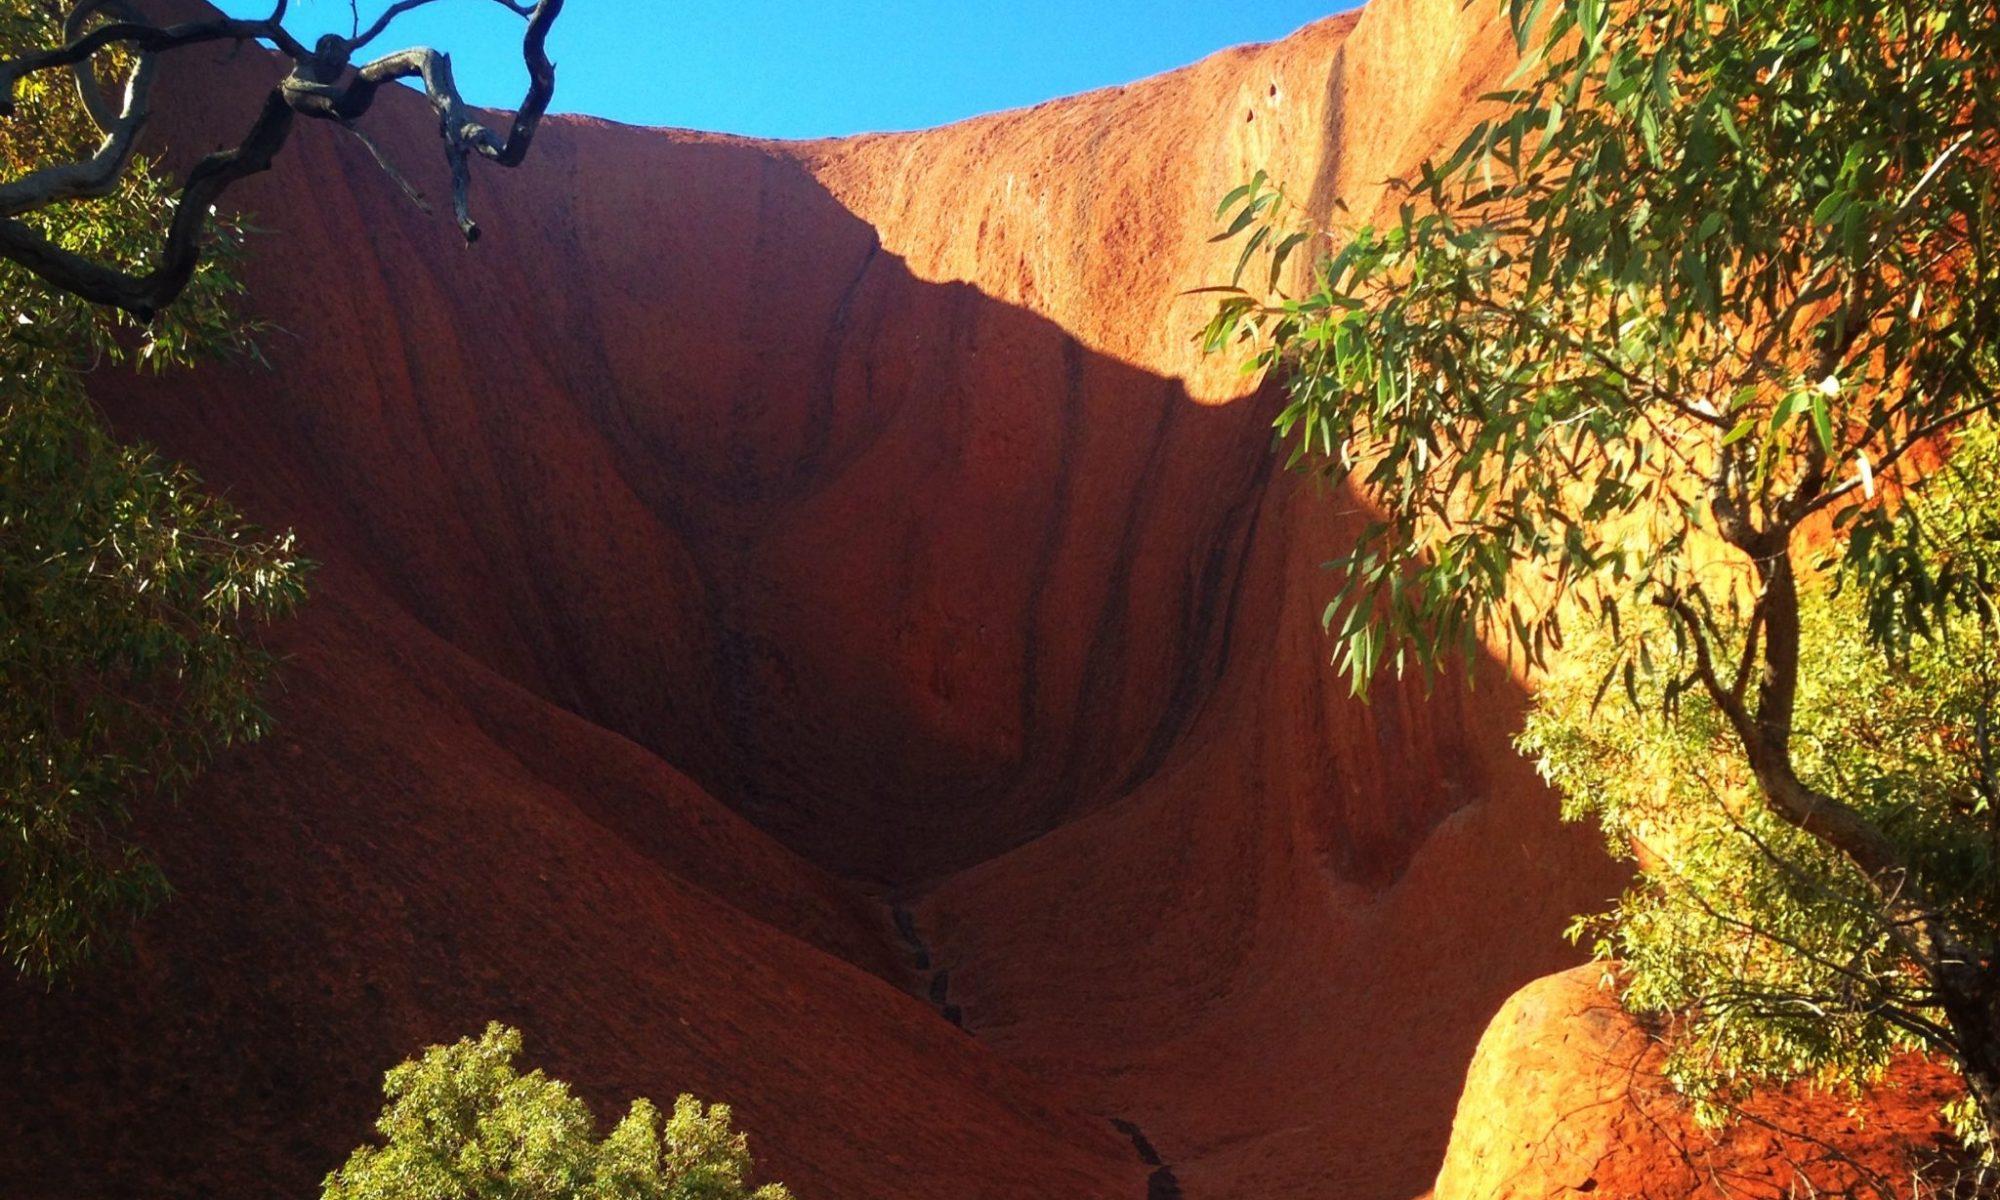 Inside the gorge at Uluru